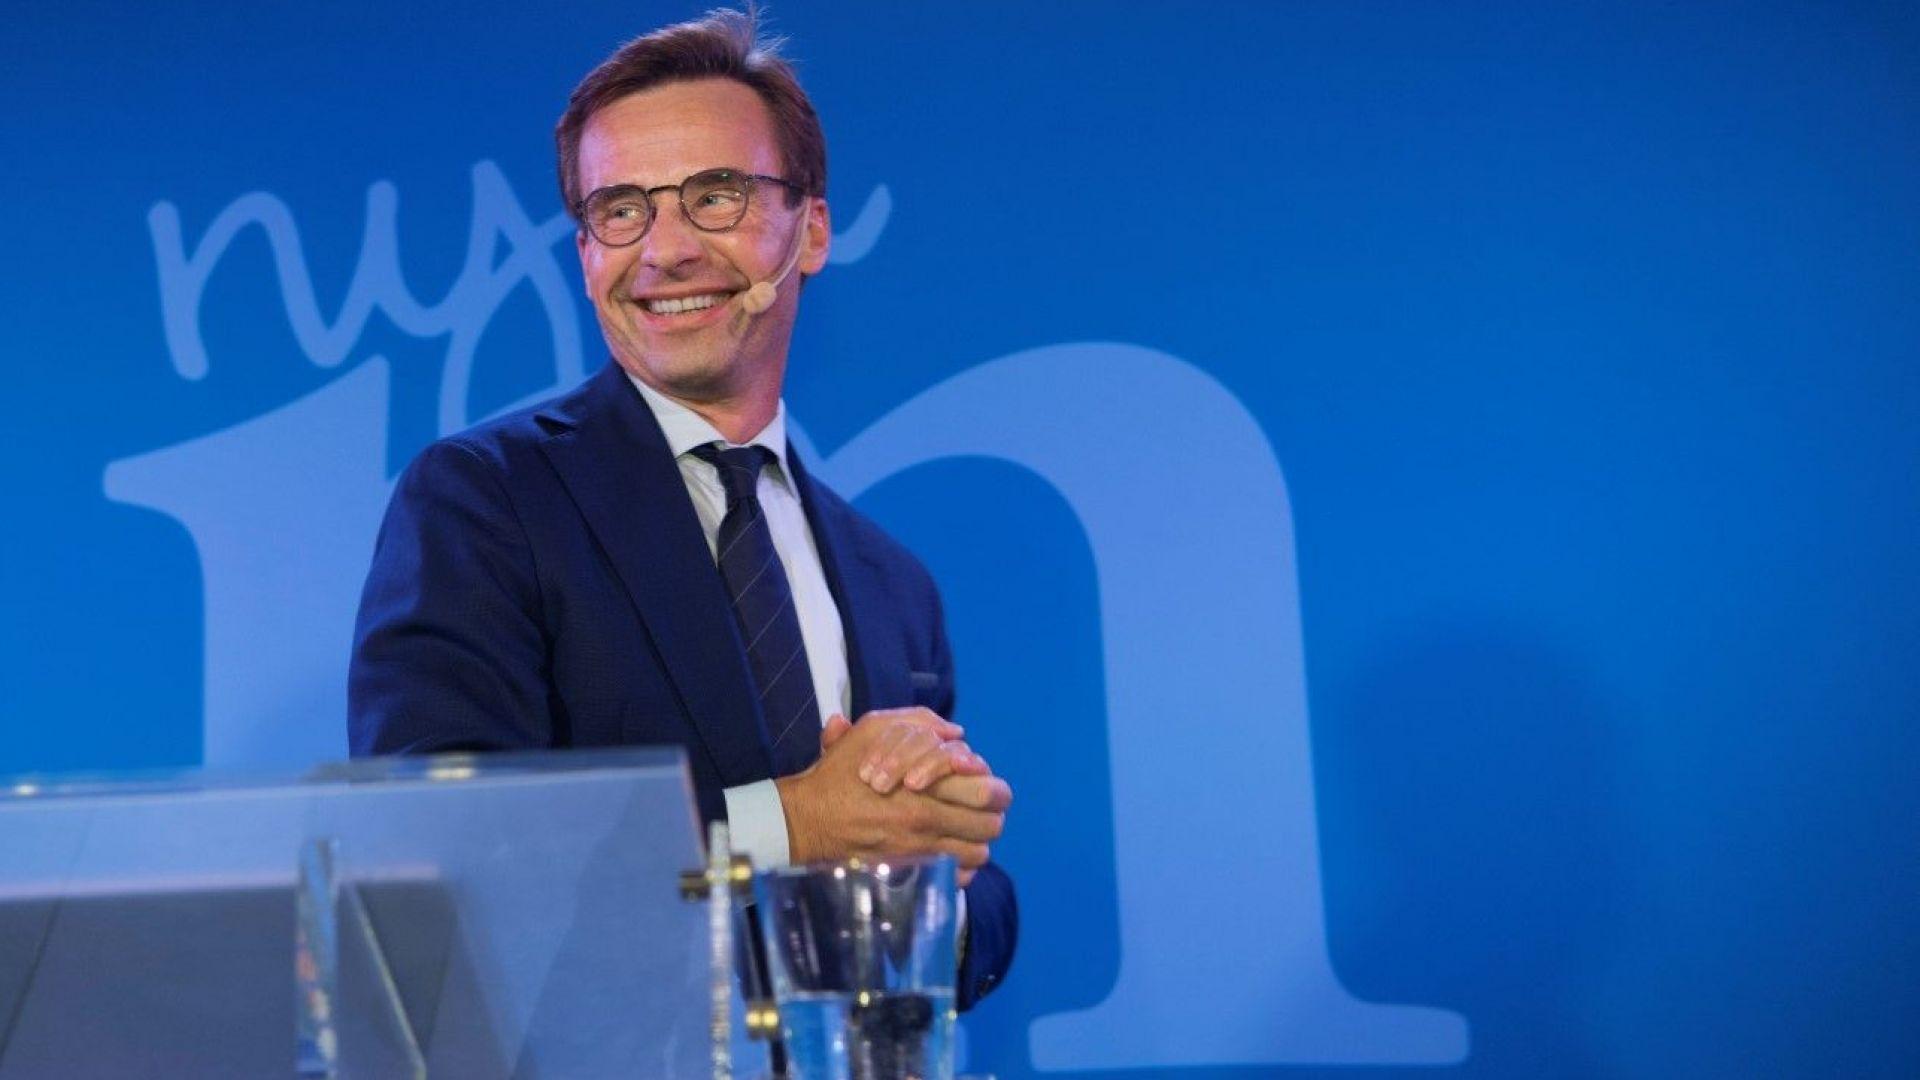 Социалдемократите остават първа сила след изборите в Швеция, но нямат мнозинство